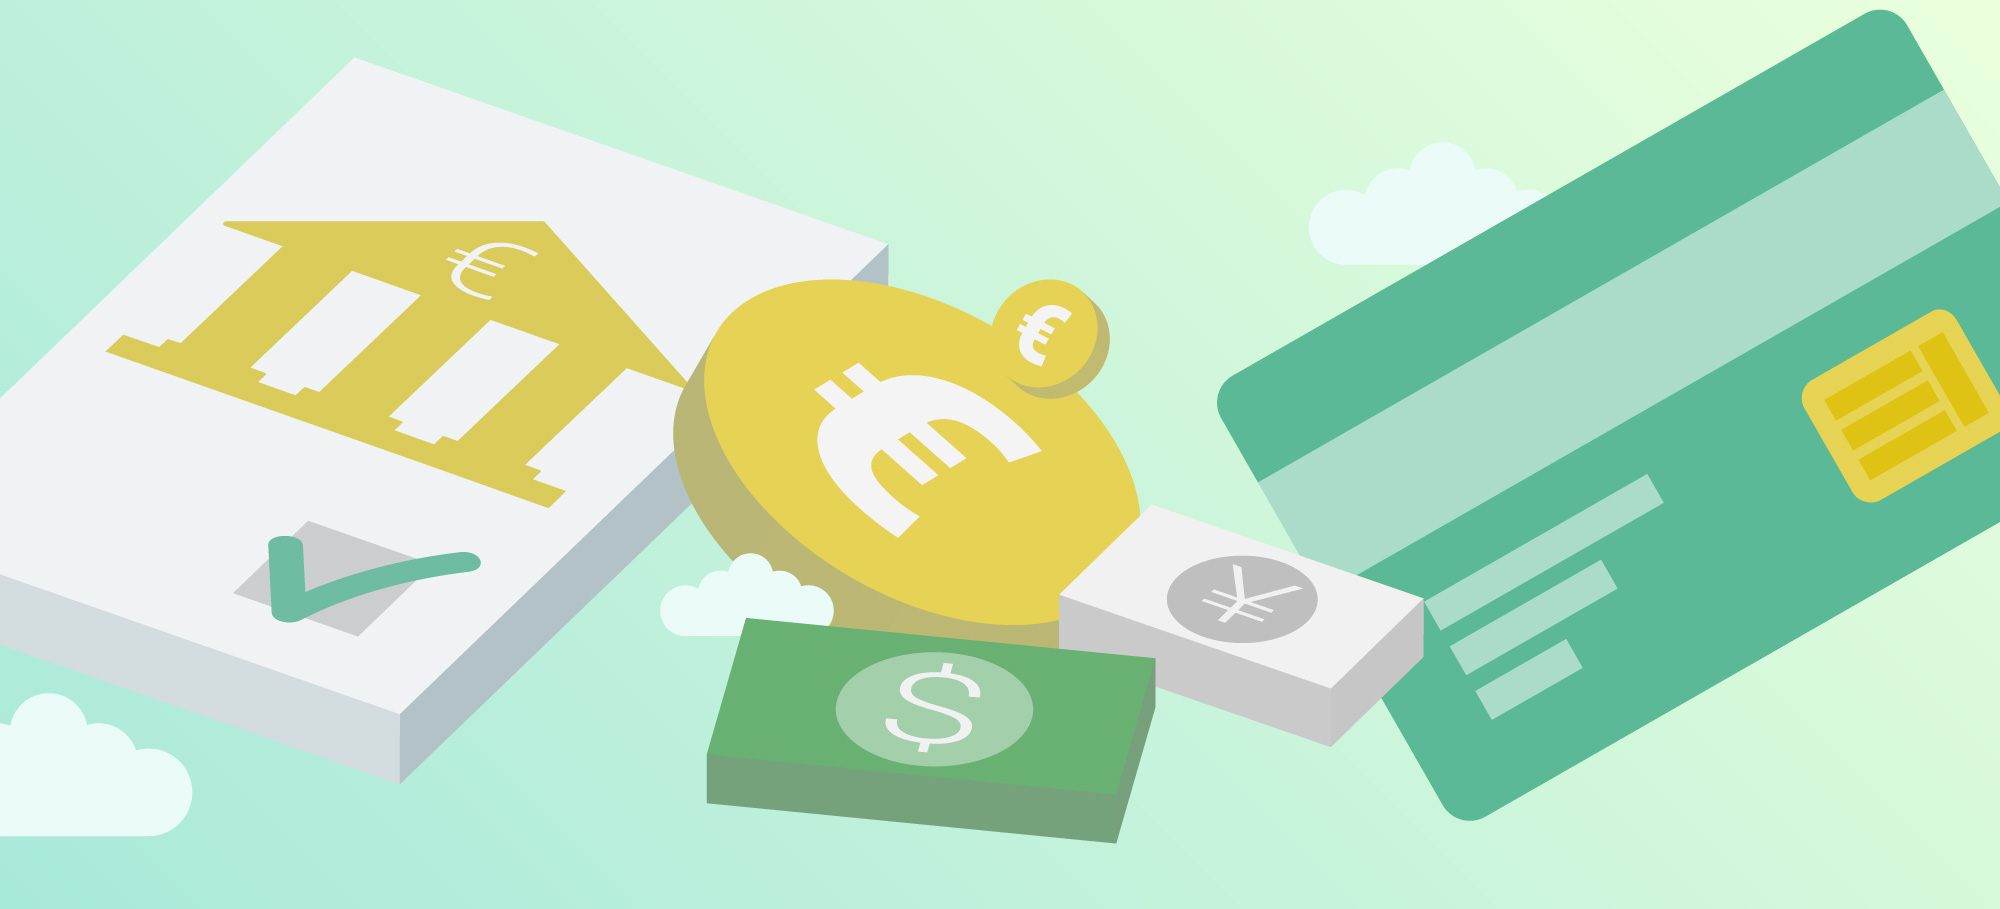 SmartAccounts uuendused novembris 2019: LHV liides ja uus maksete import